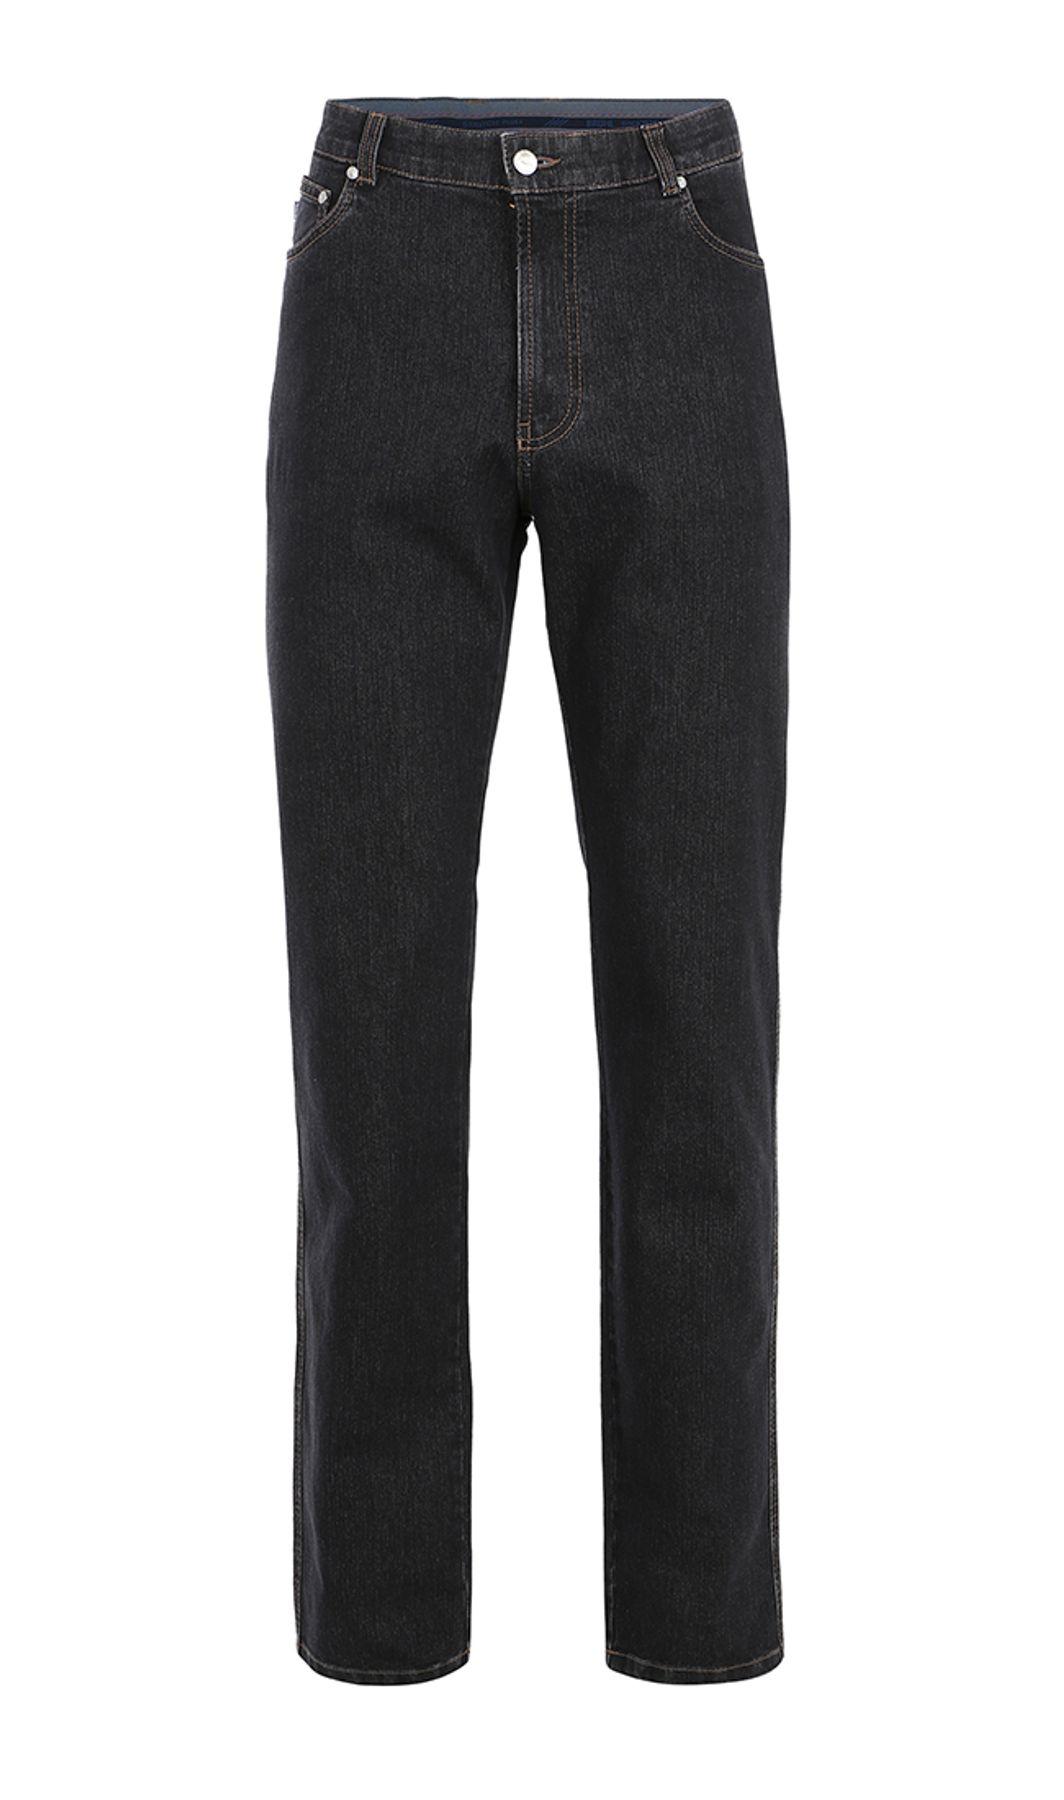 Brühl - Herren 5-Pocket Jeans in verschiedenen Farben, Genua (0011003142100) – Bild 6